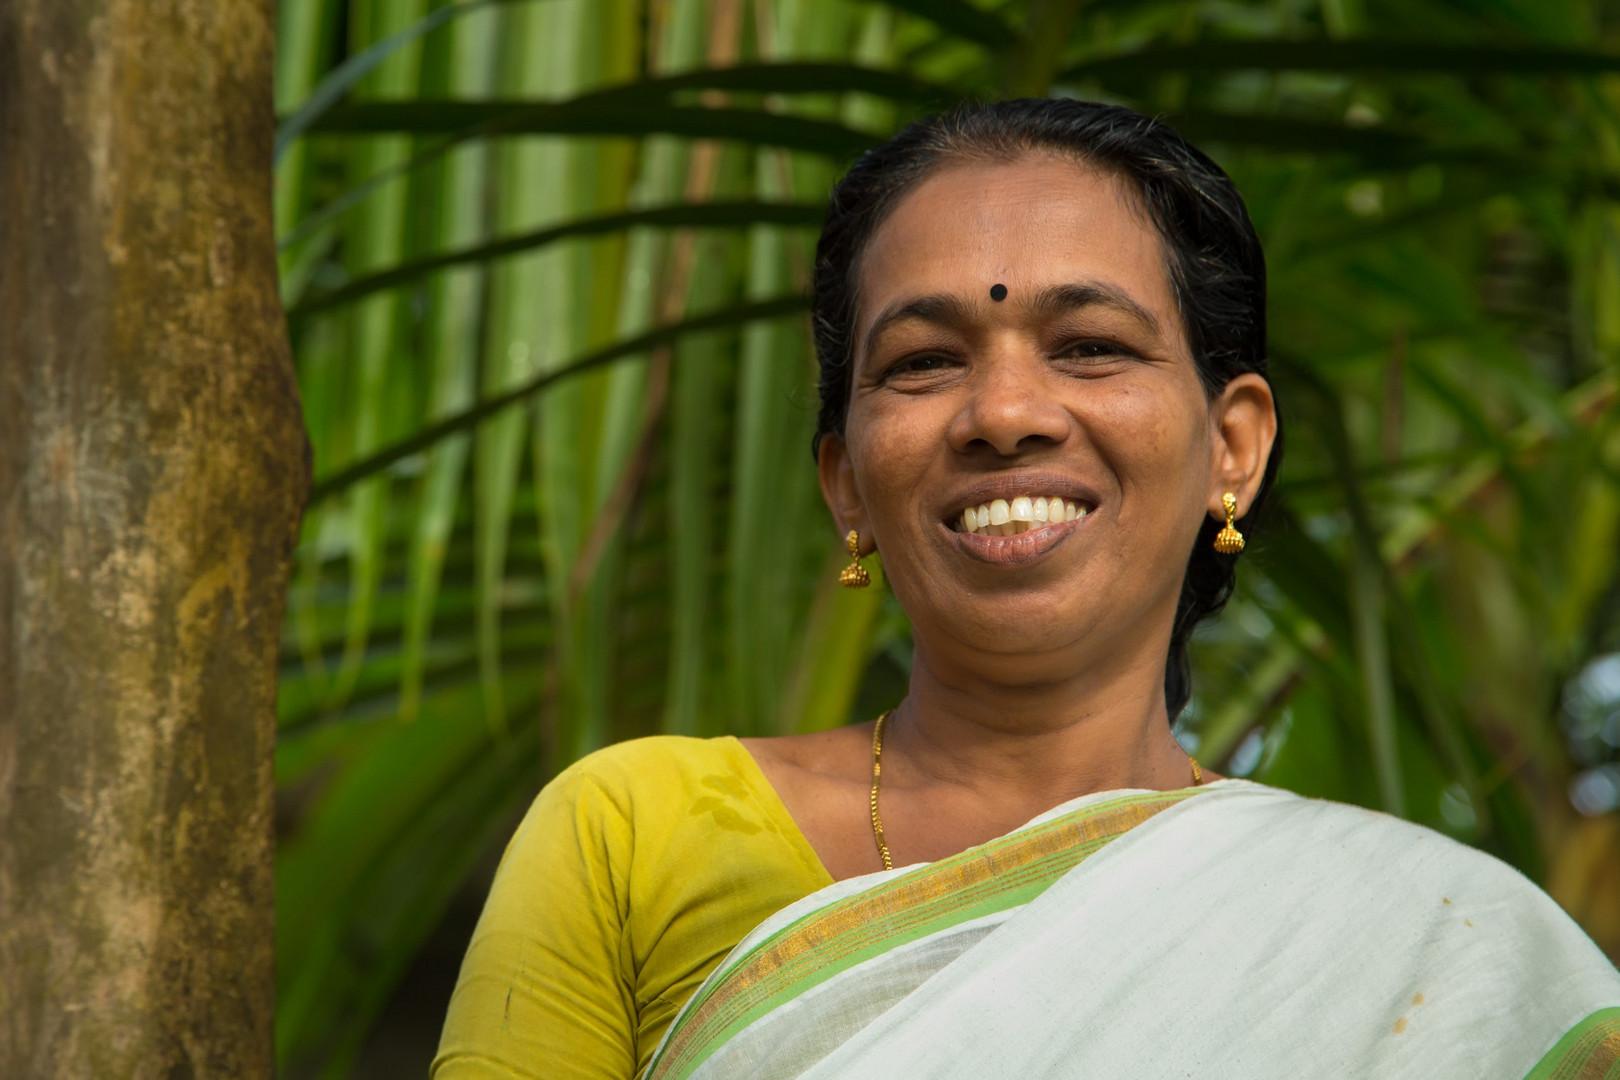 Comment fait-elle pour avoir un sari tout blanc immaculé dans la brousse la plus profonde ?